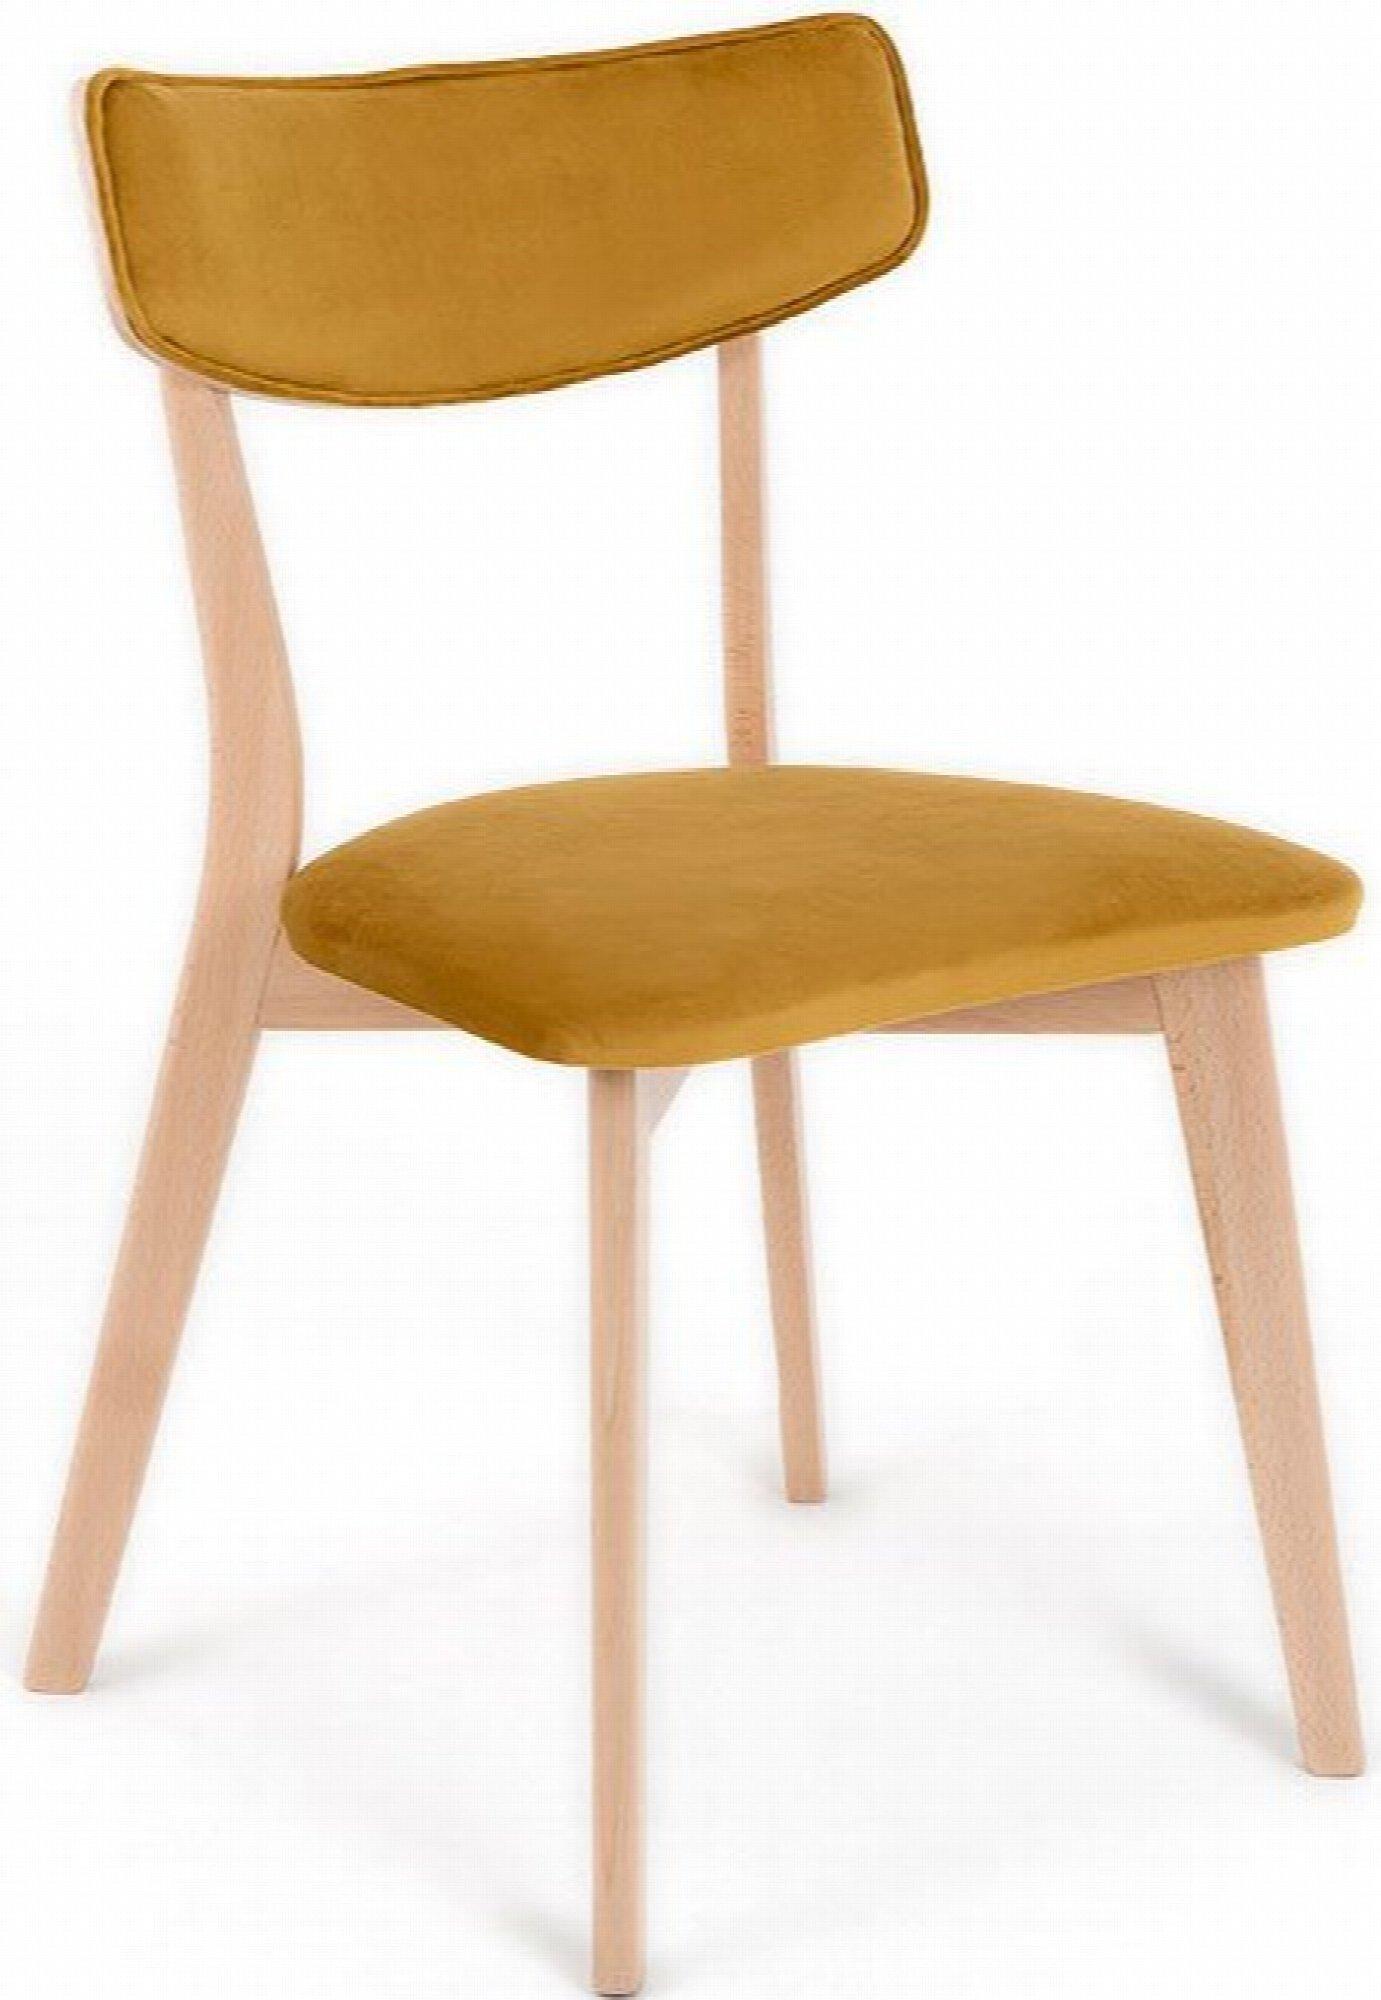 maison du monde Chaise design tradition velours marron pieds bois clair